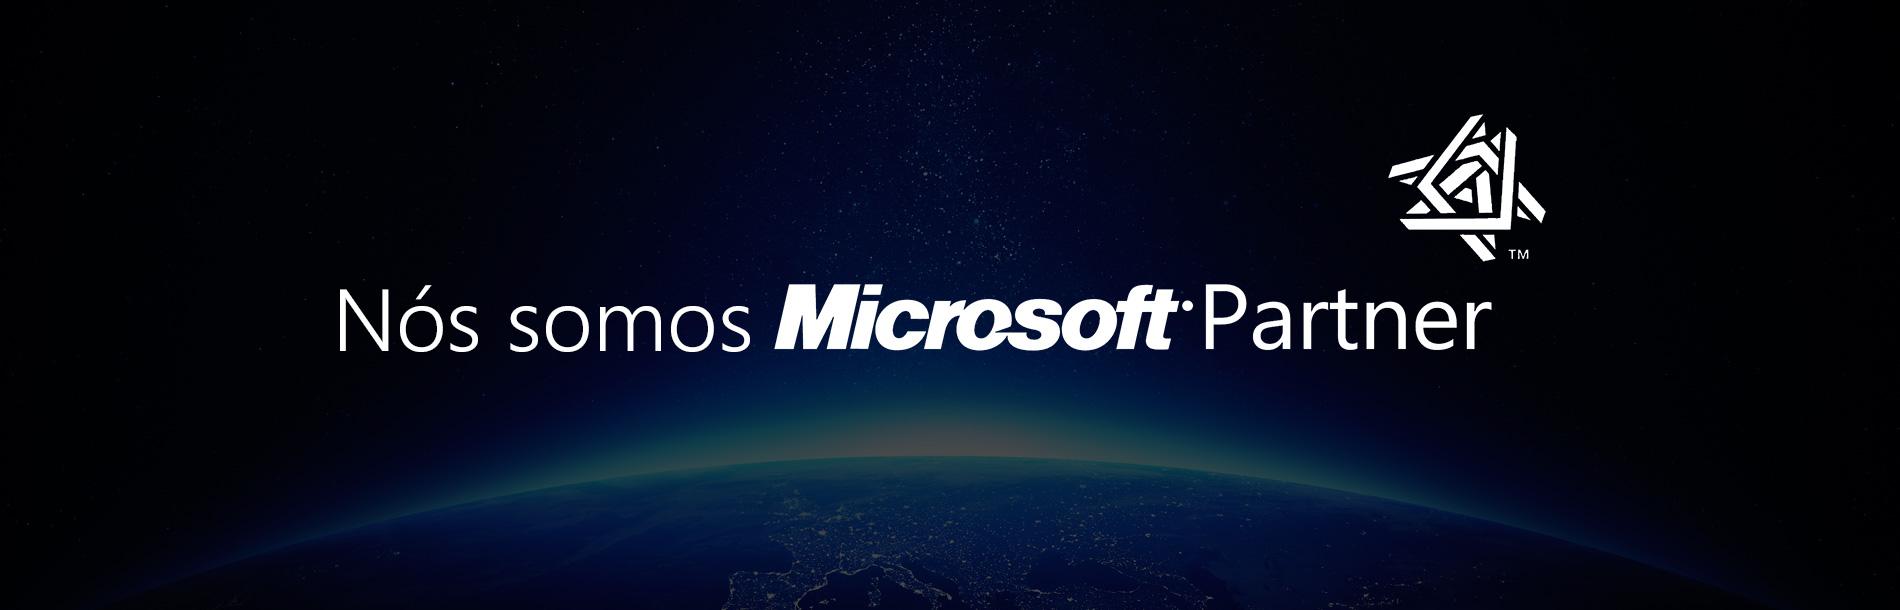 nos-somos-microsoft-partner